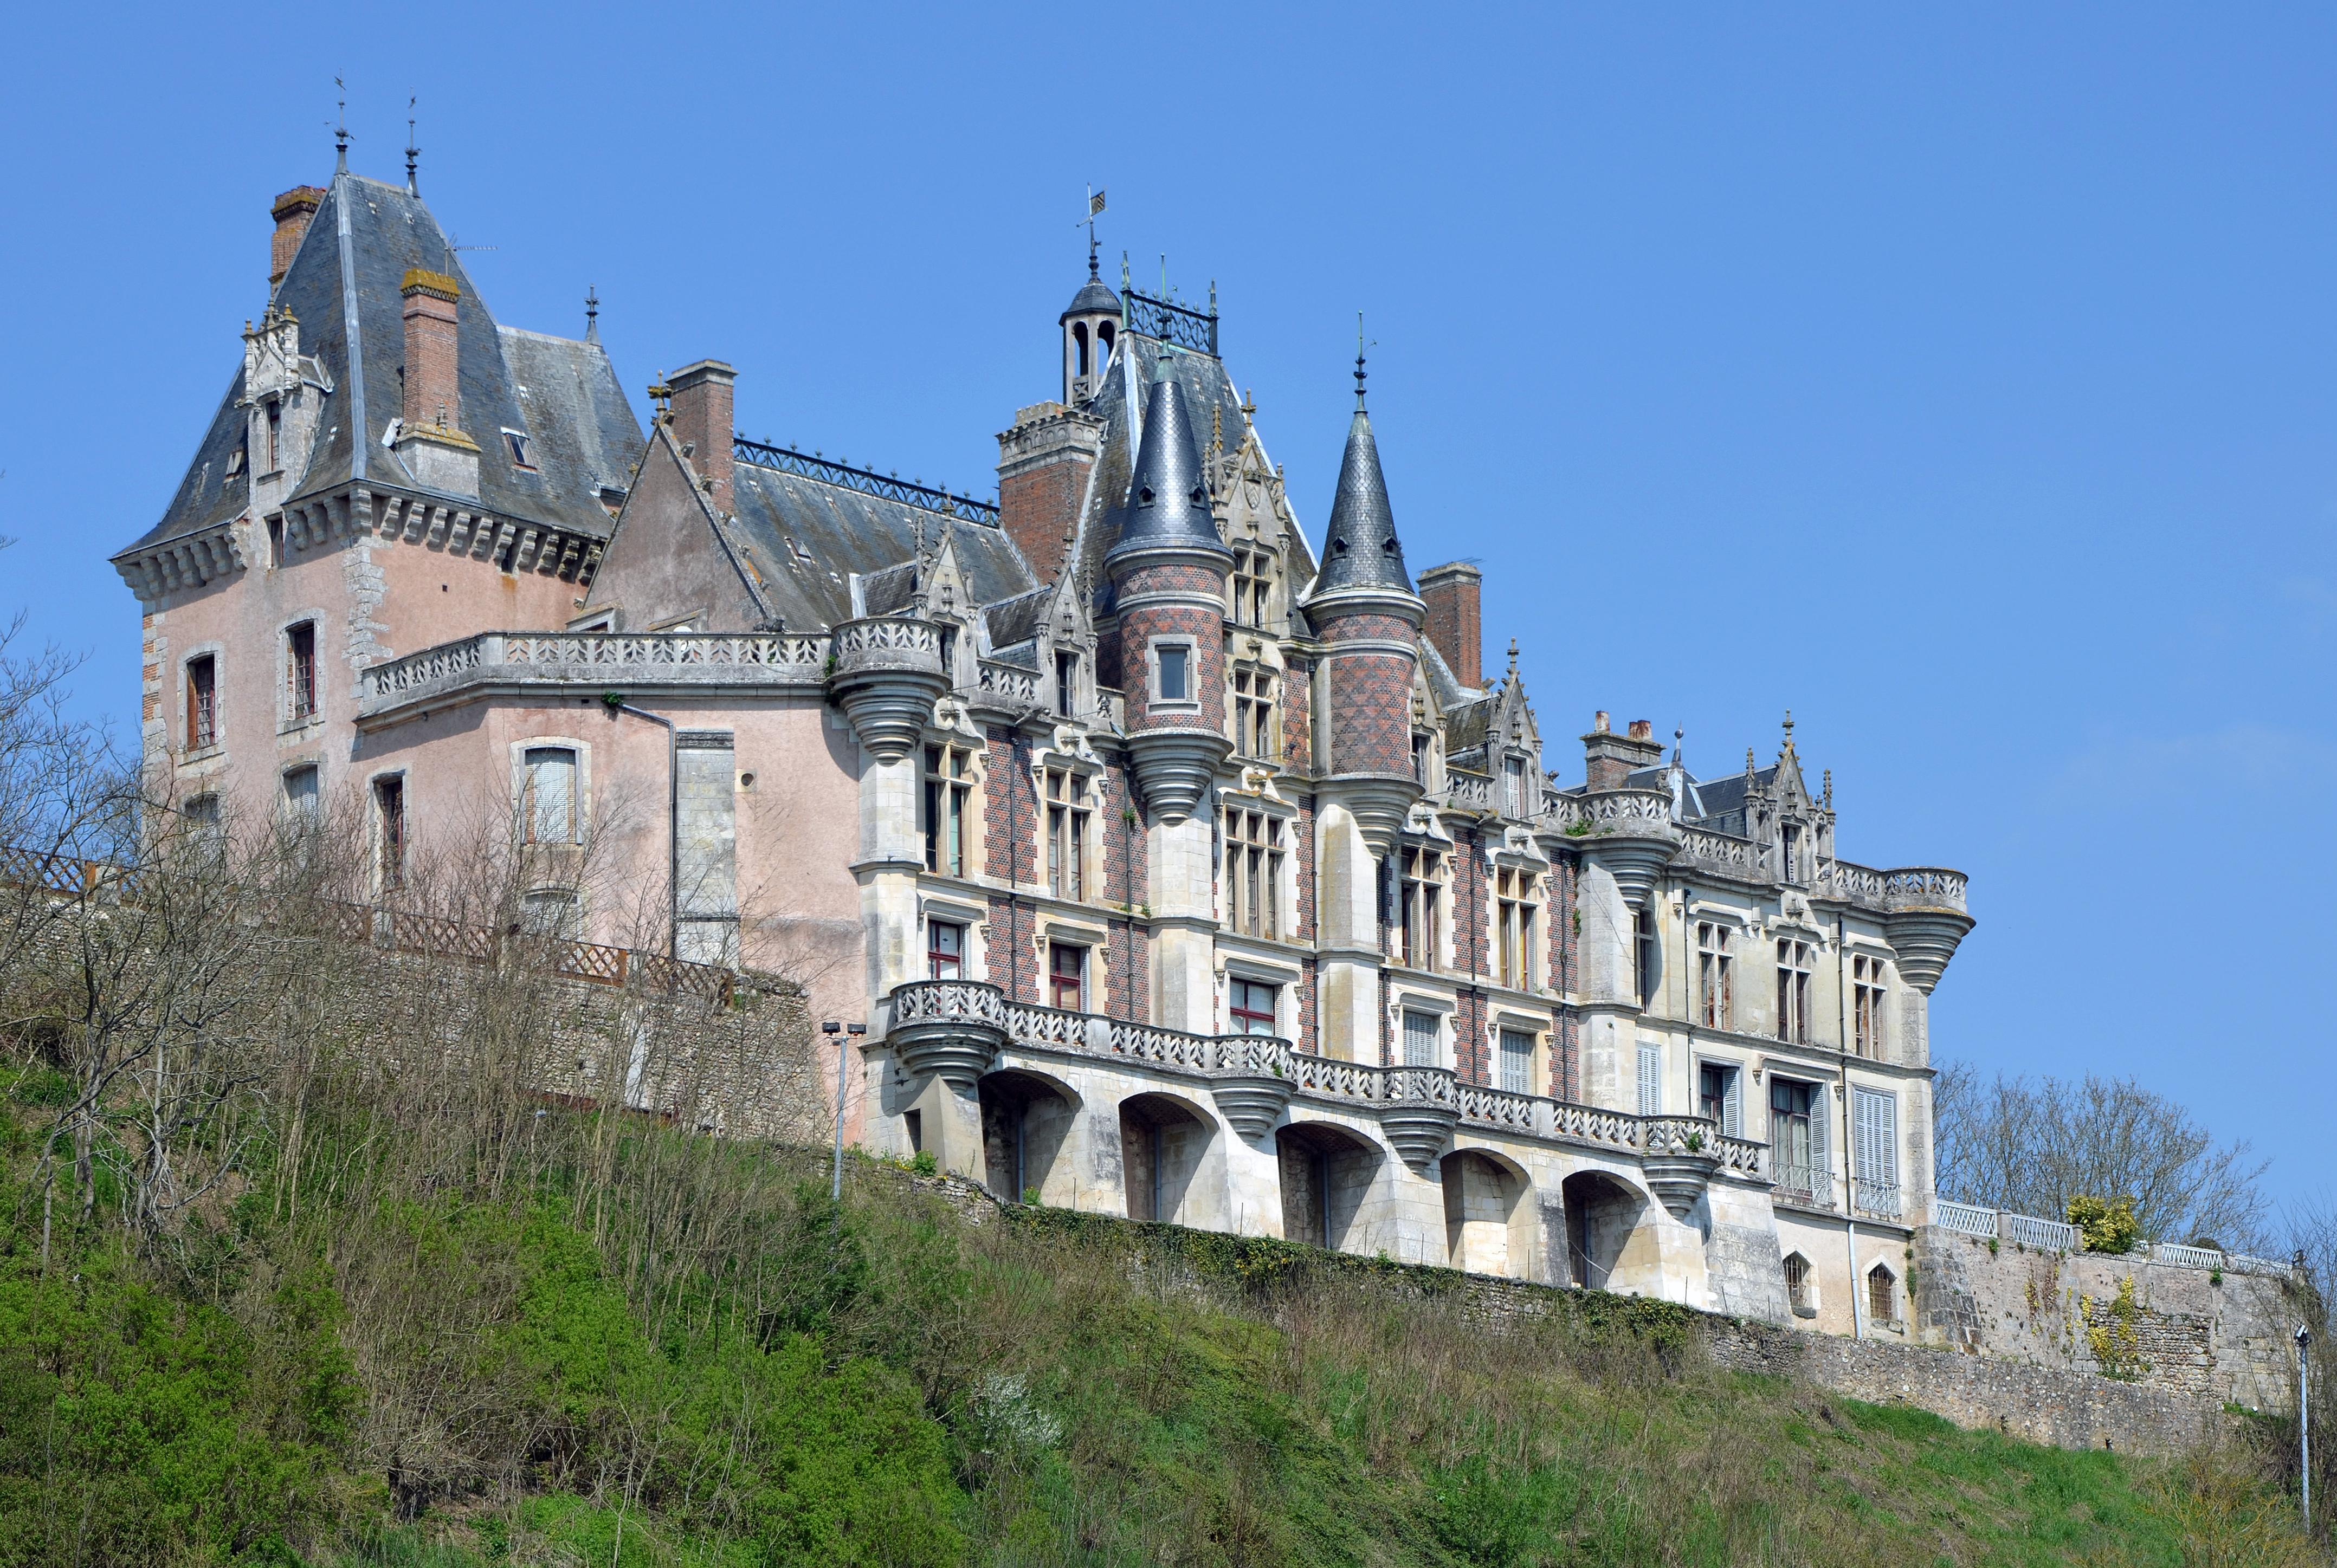 940-chateau-de-montigny-le-gannelon-eure-et-loir.jpg